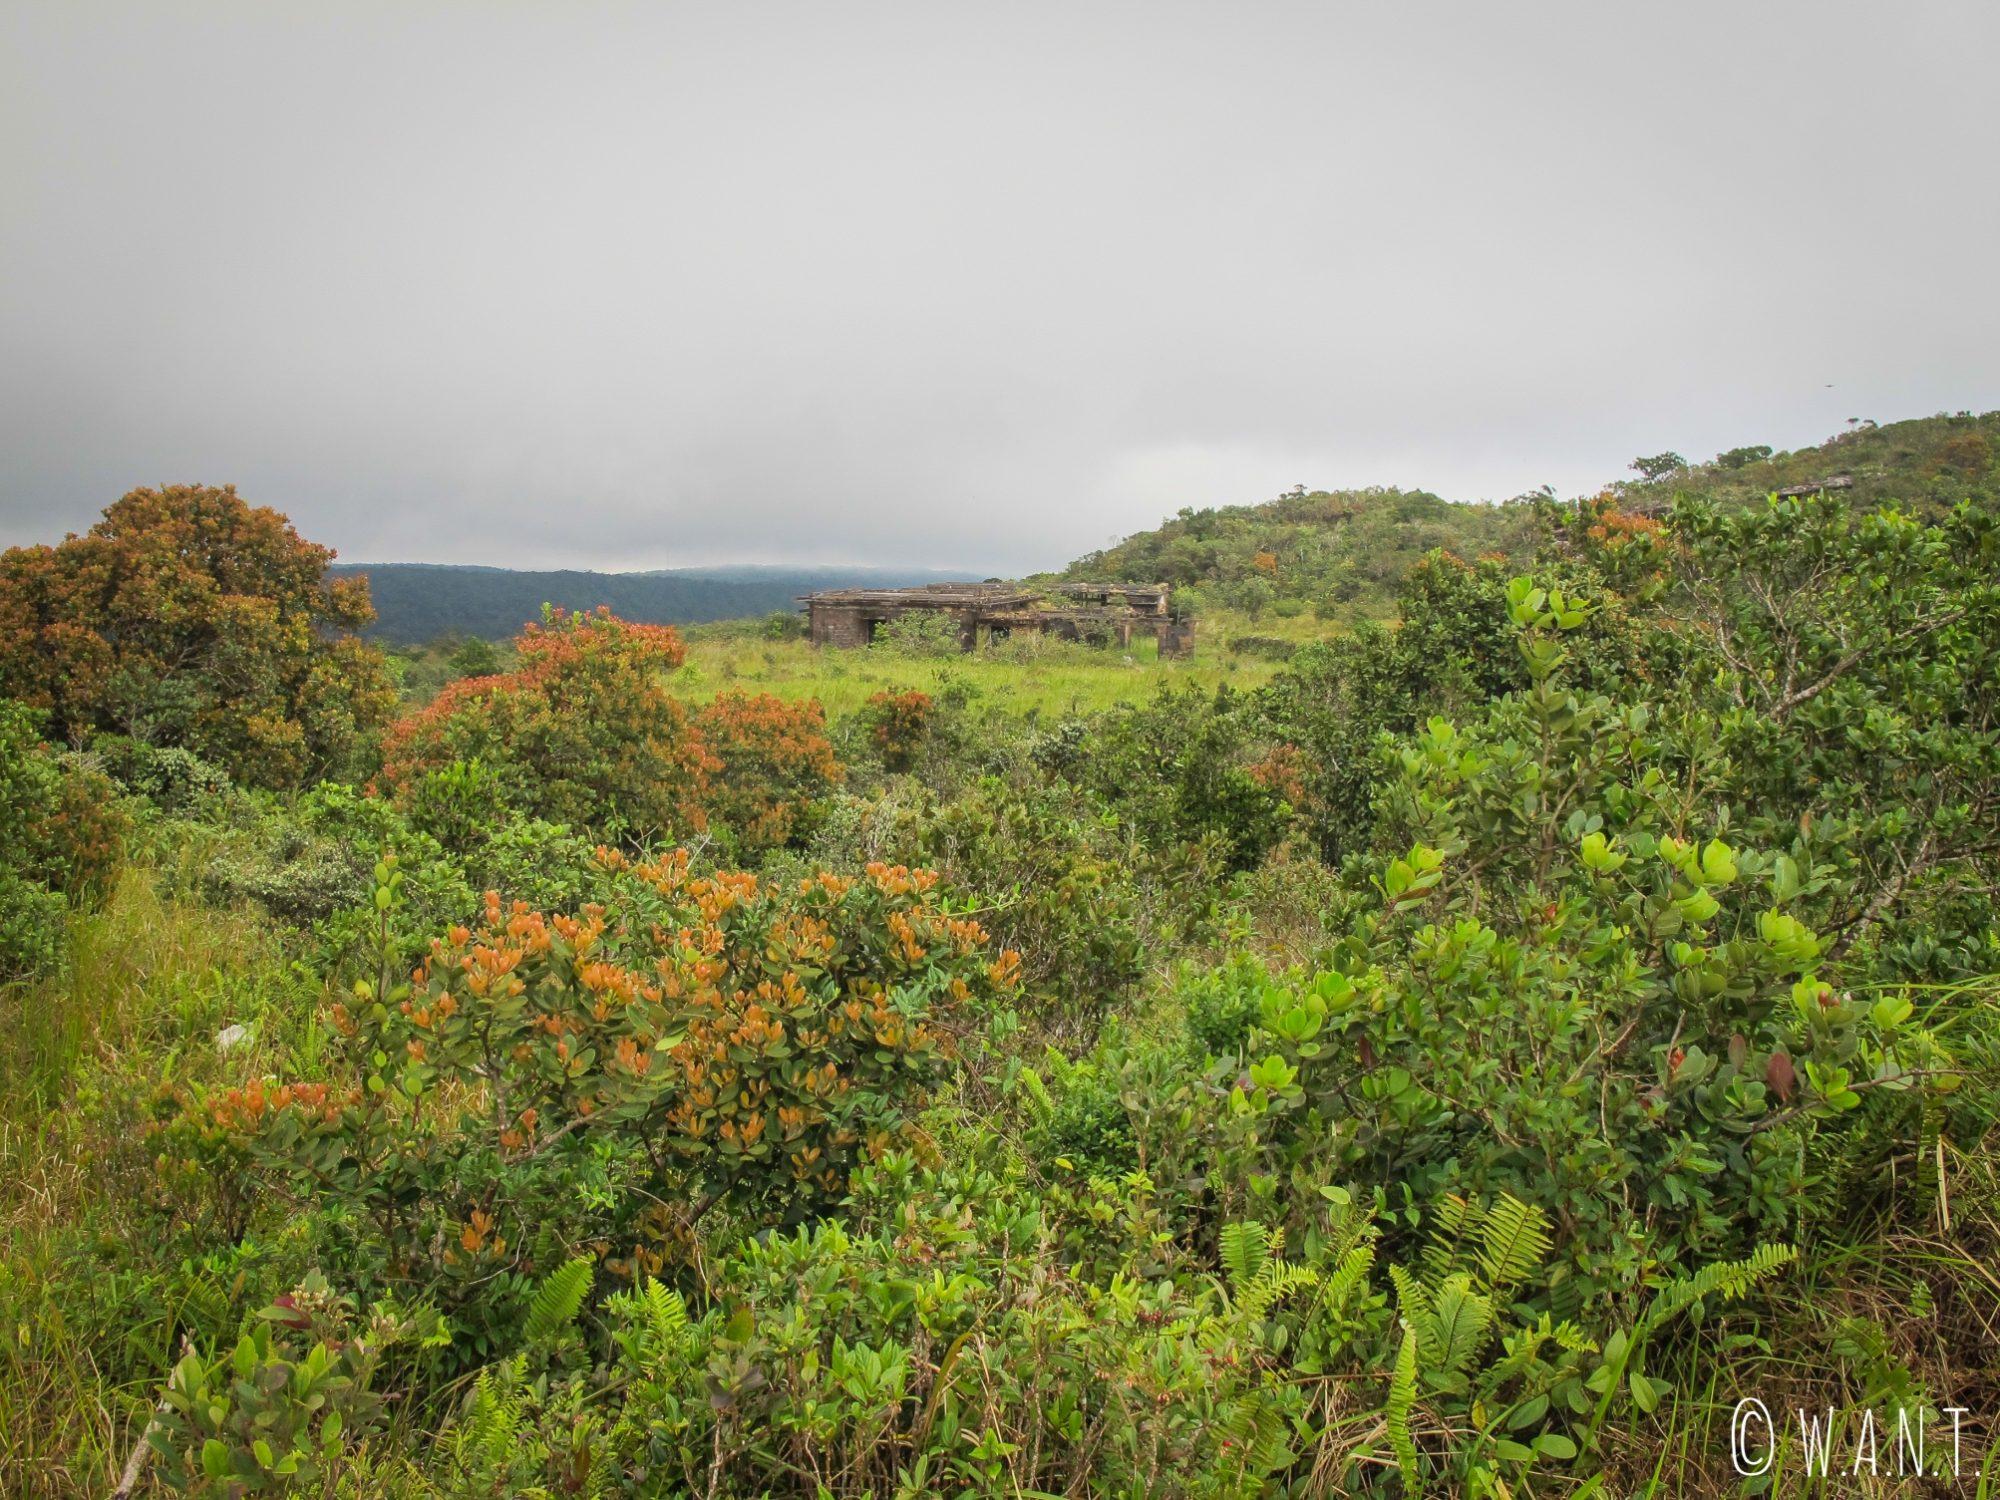 Bâtiment abandonné de Bokor Hill Station, dans le Parc national de Bokor